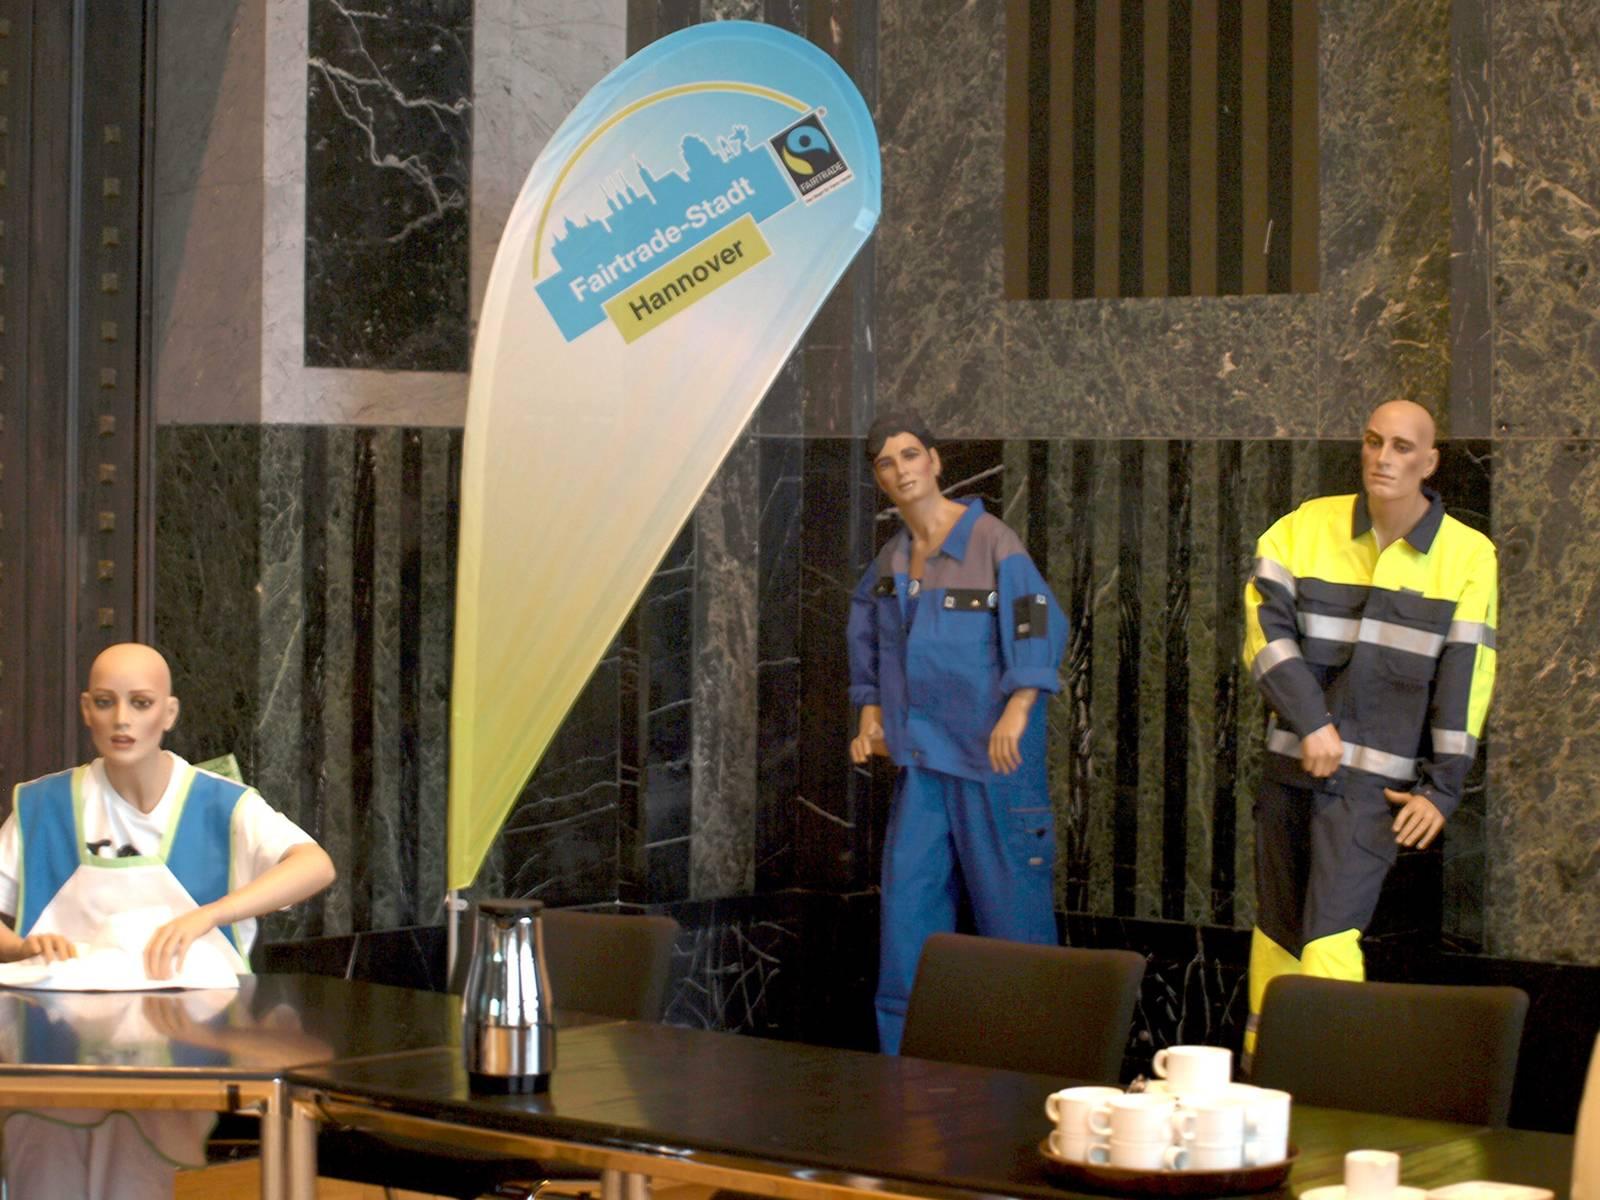 """Drei Schaufensterpuppen sind mit Arbeitskleidung an und hinter einem Tisch zu sehen, daneben eine Fahne mit der Aufschrift """"Fairtrade-Stadt Hannover"""""""